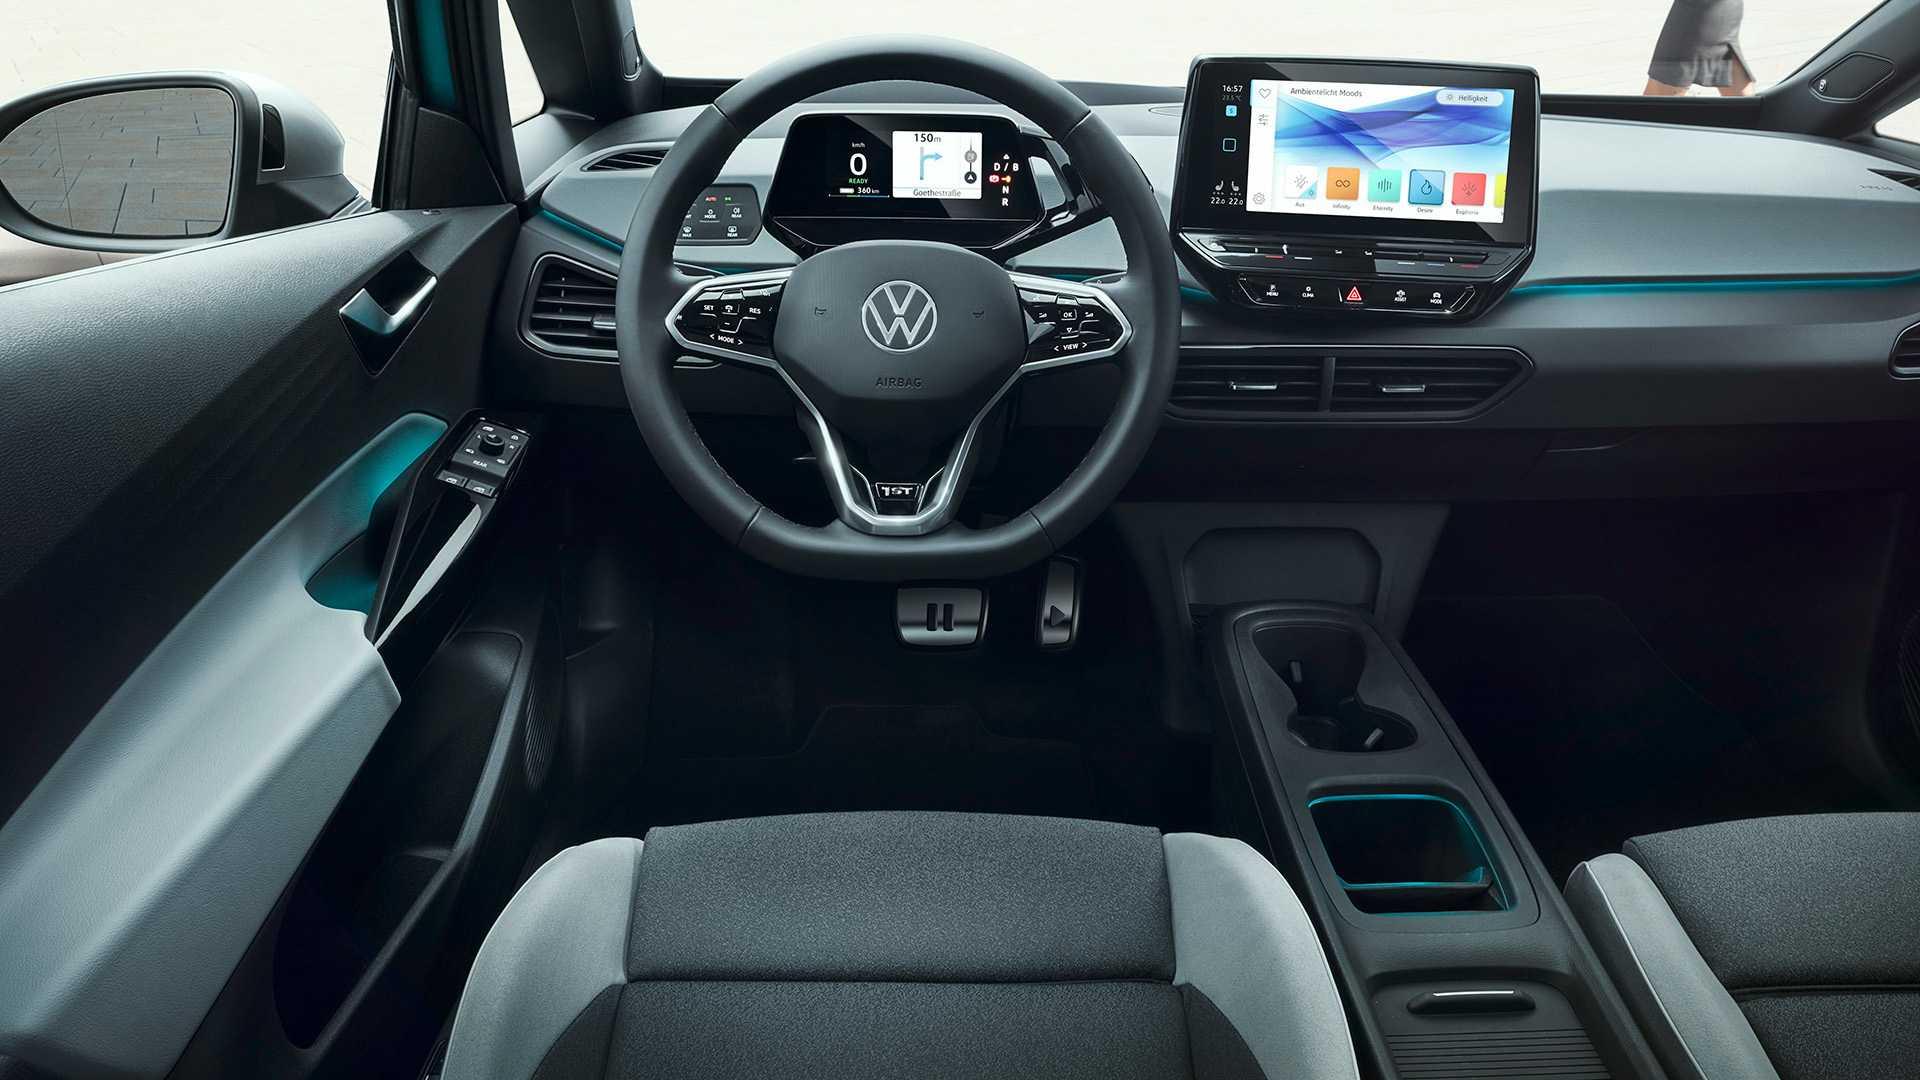 Xe điện Volkswagen ID.3 chính thức ra mắt - 02